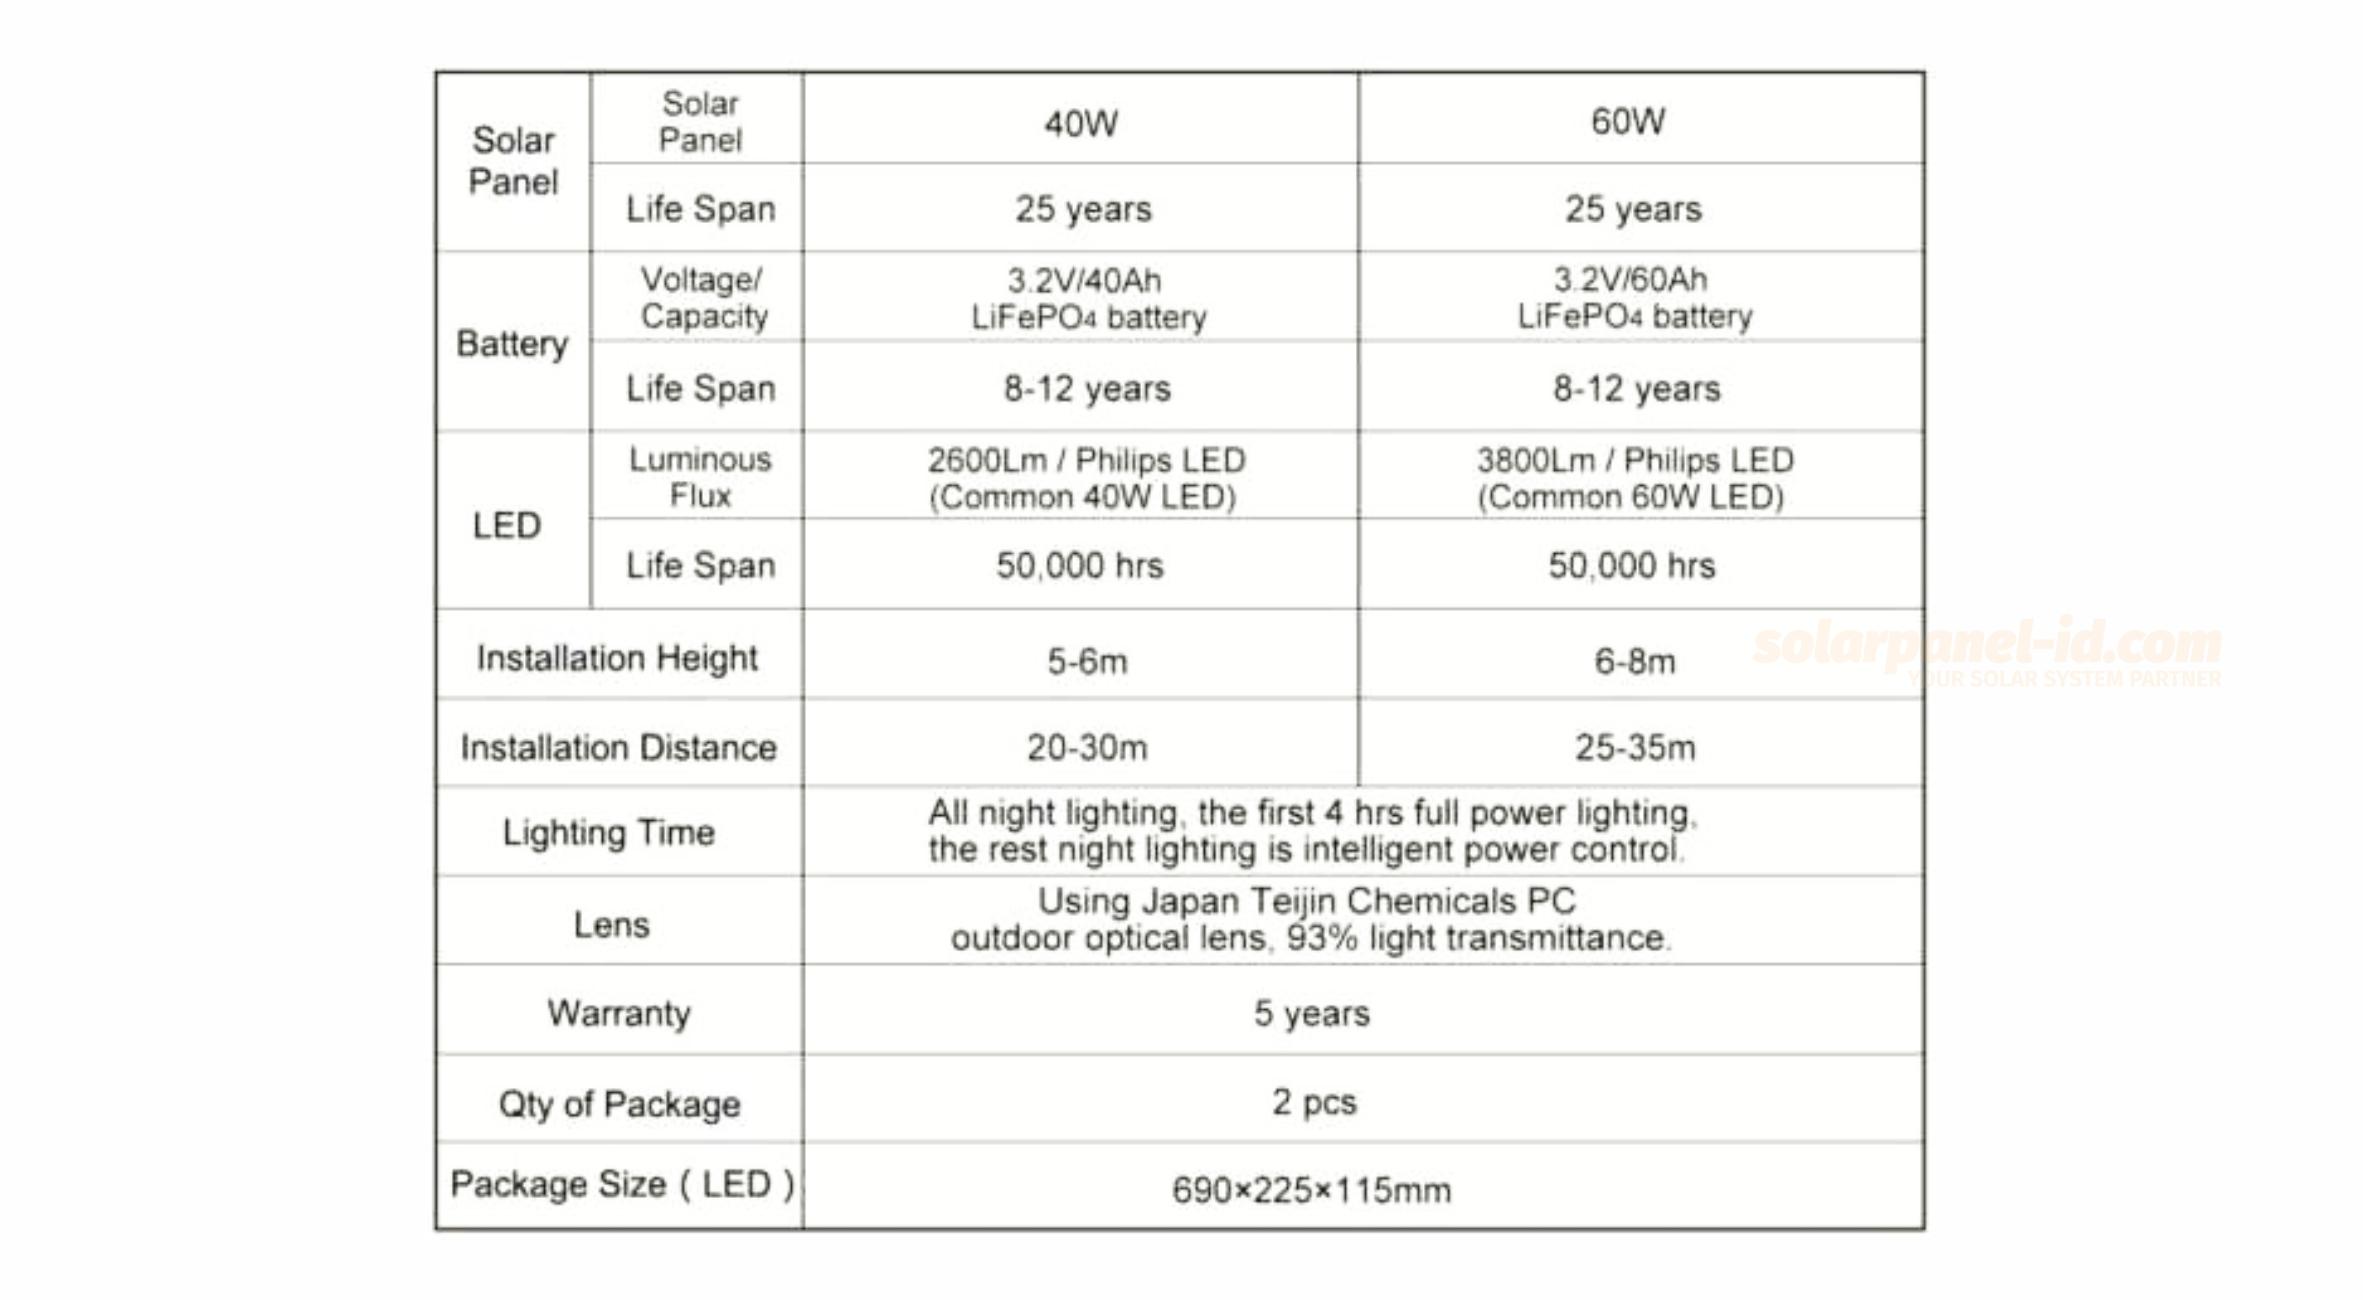 spesifikasi lampu pju 2in1 60 watt sword light